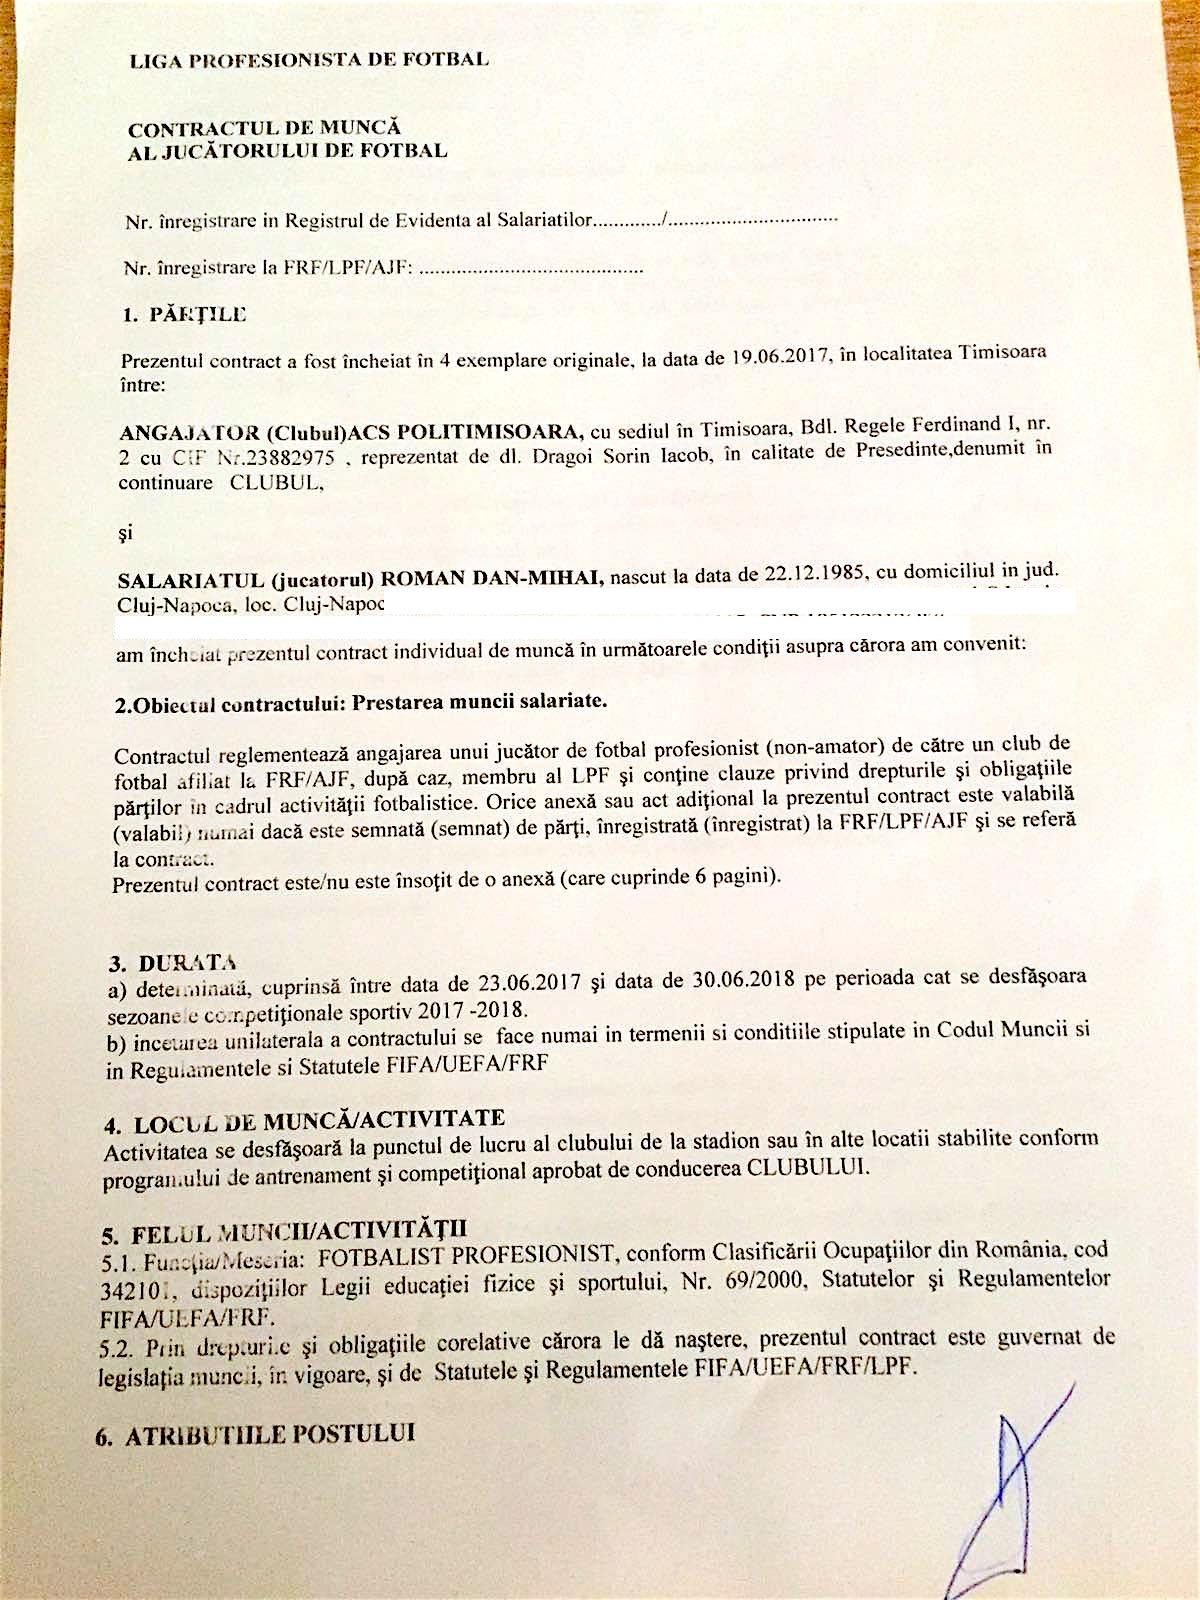 dan roman contract 1